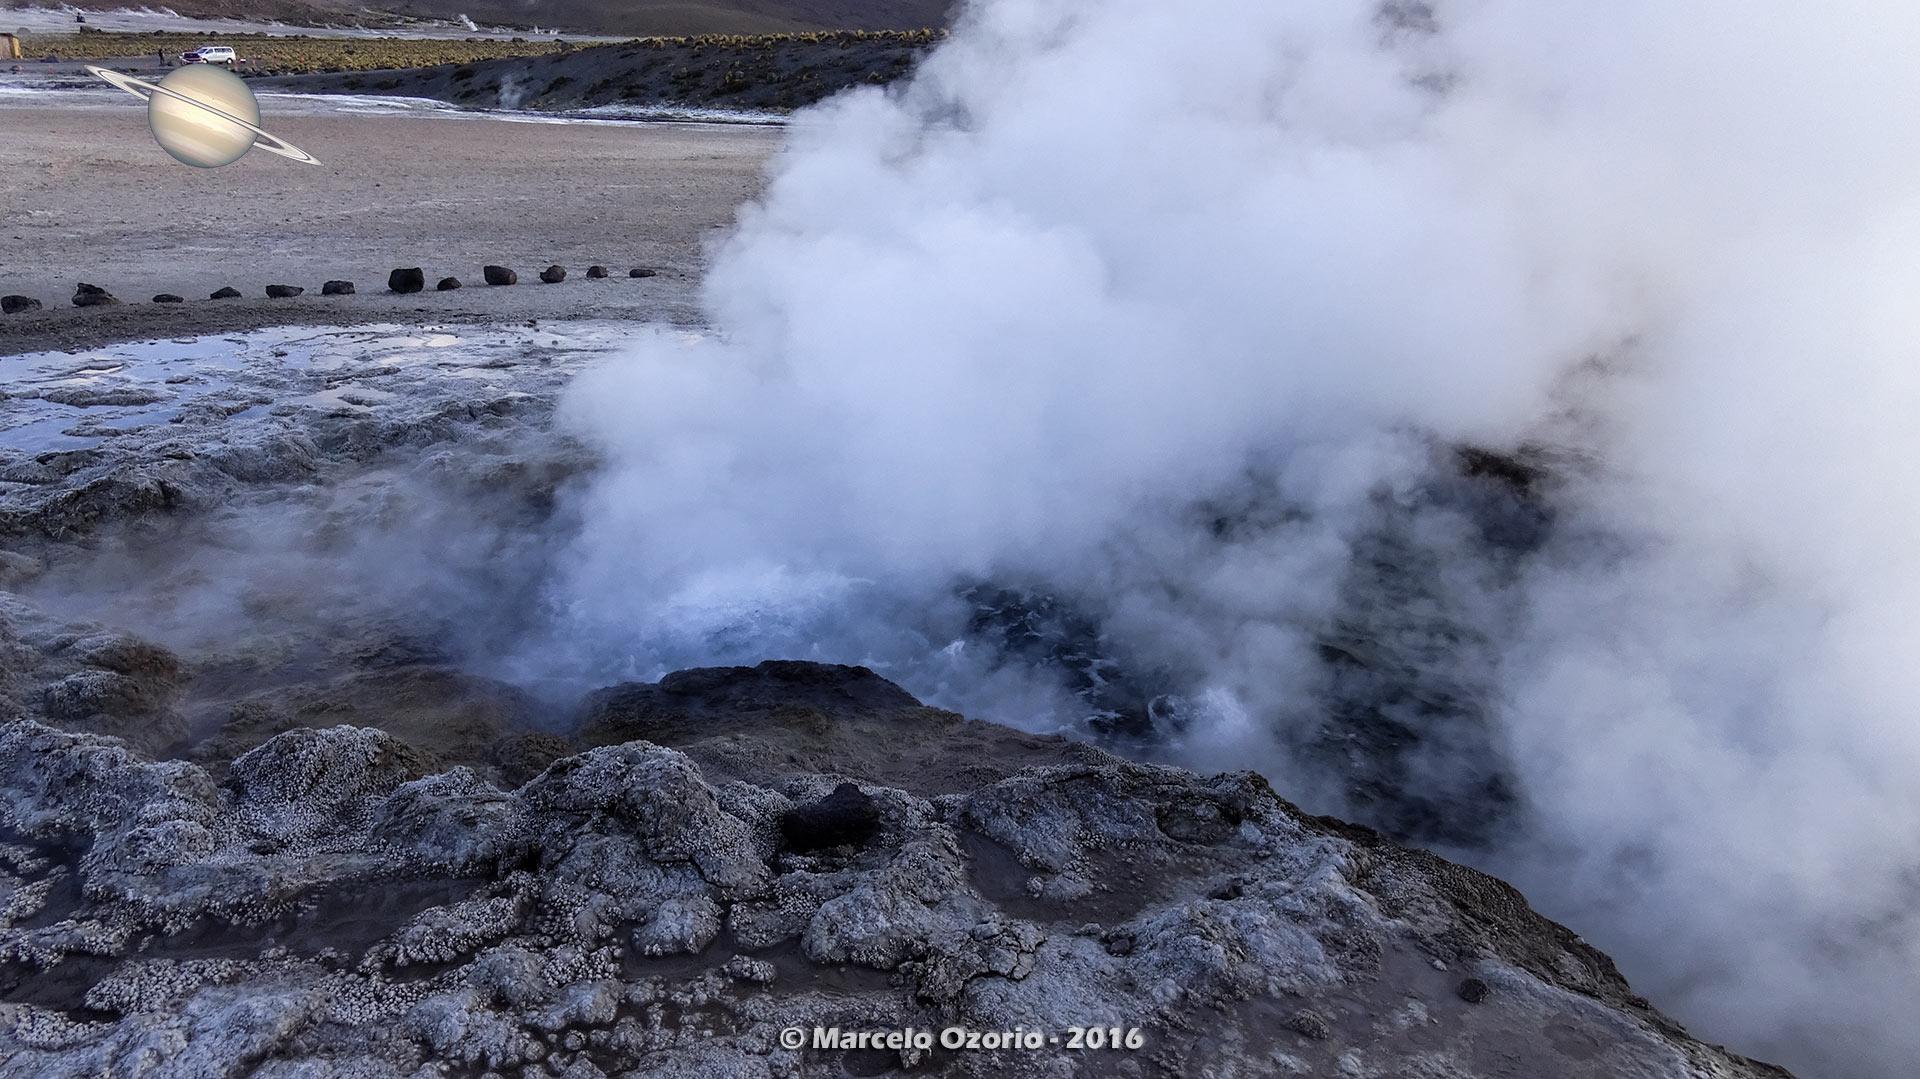 el tatio geysers atacama desert 10 - The Surreal El Tatio Geysers - Atacama Desert - Chile